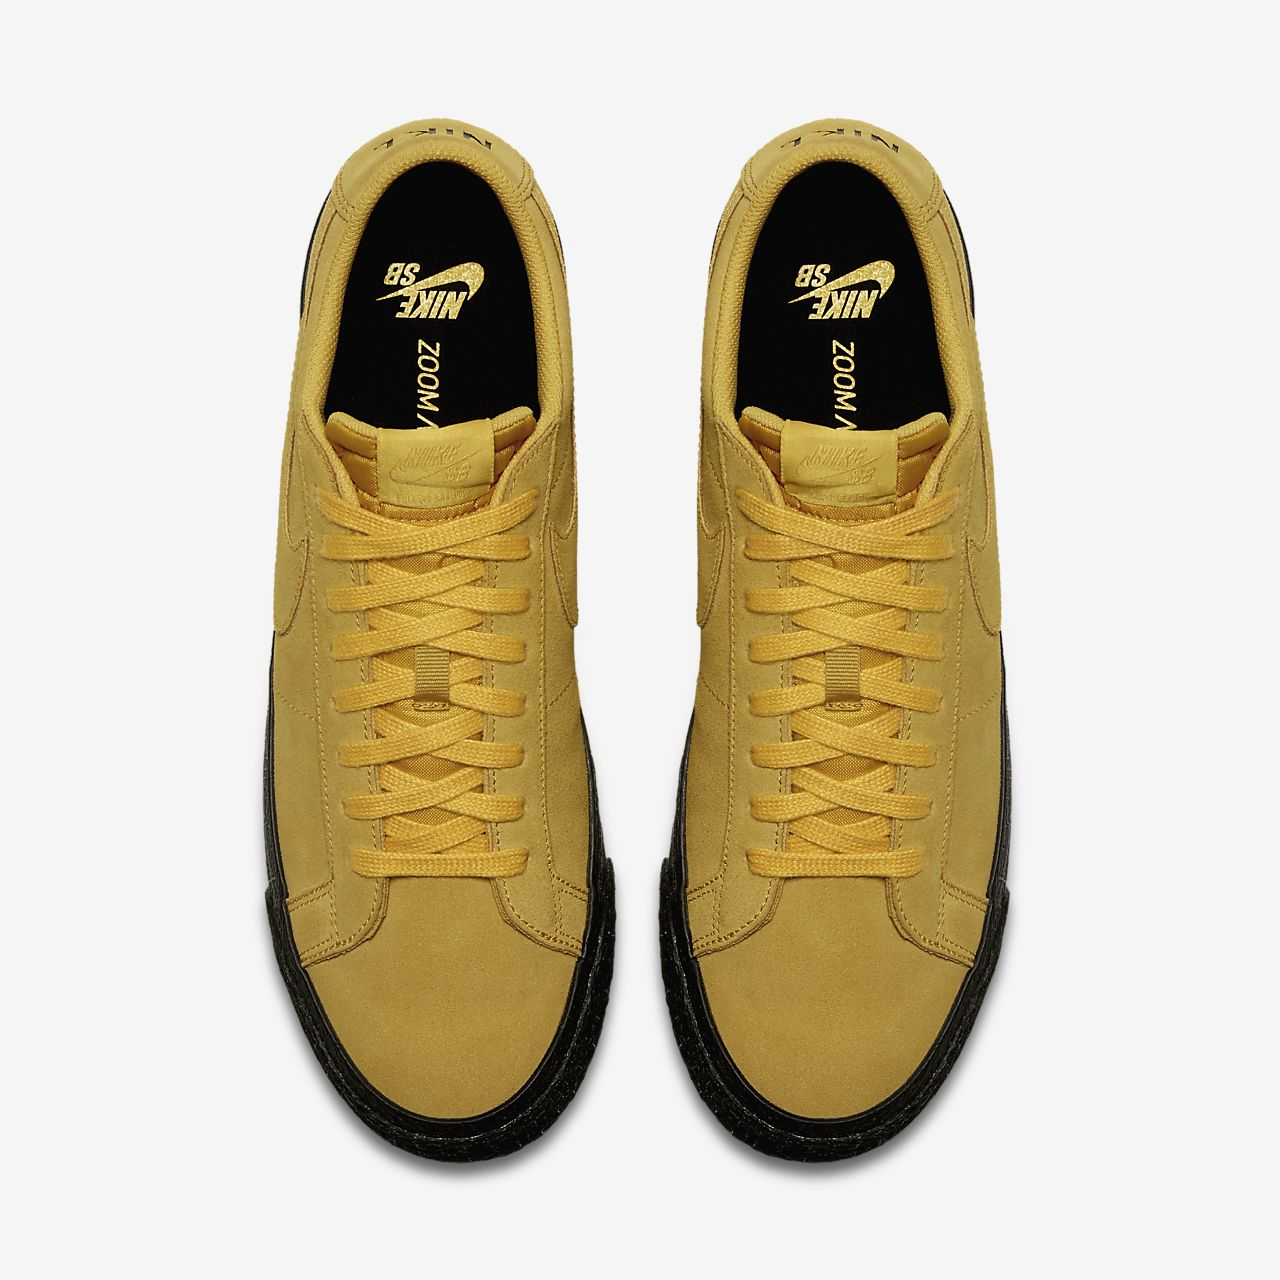 a643e2c93 sb-blazer-zoom-low-skateboarding-shoe-pogNGE.jpg